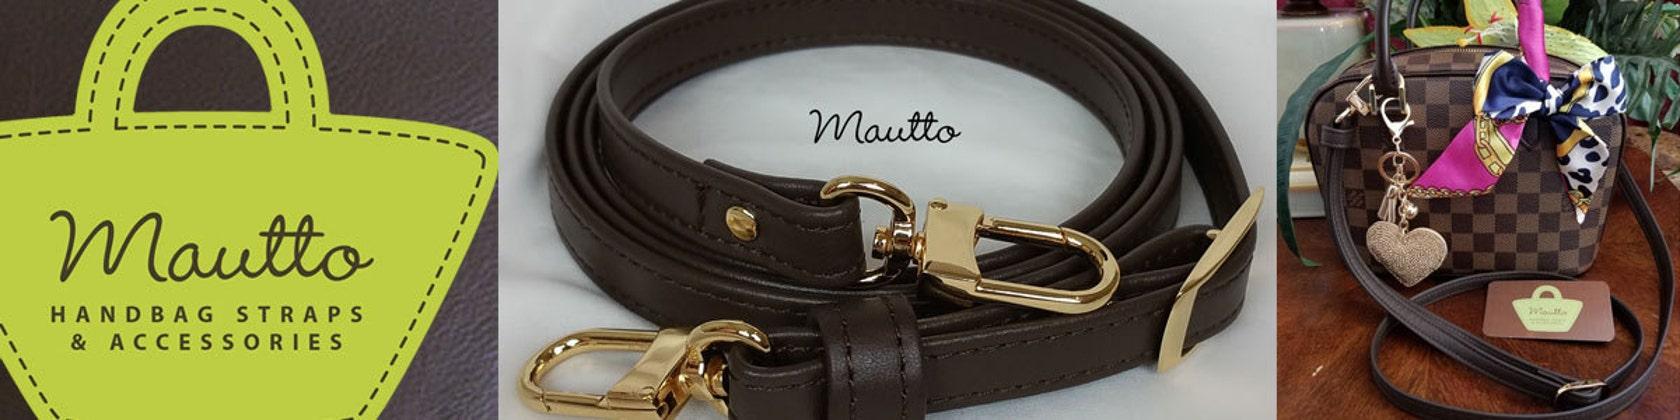 Hand made PurseBag Straps & Accessories by MauttoHandbags